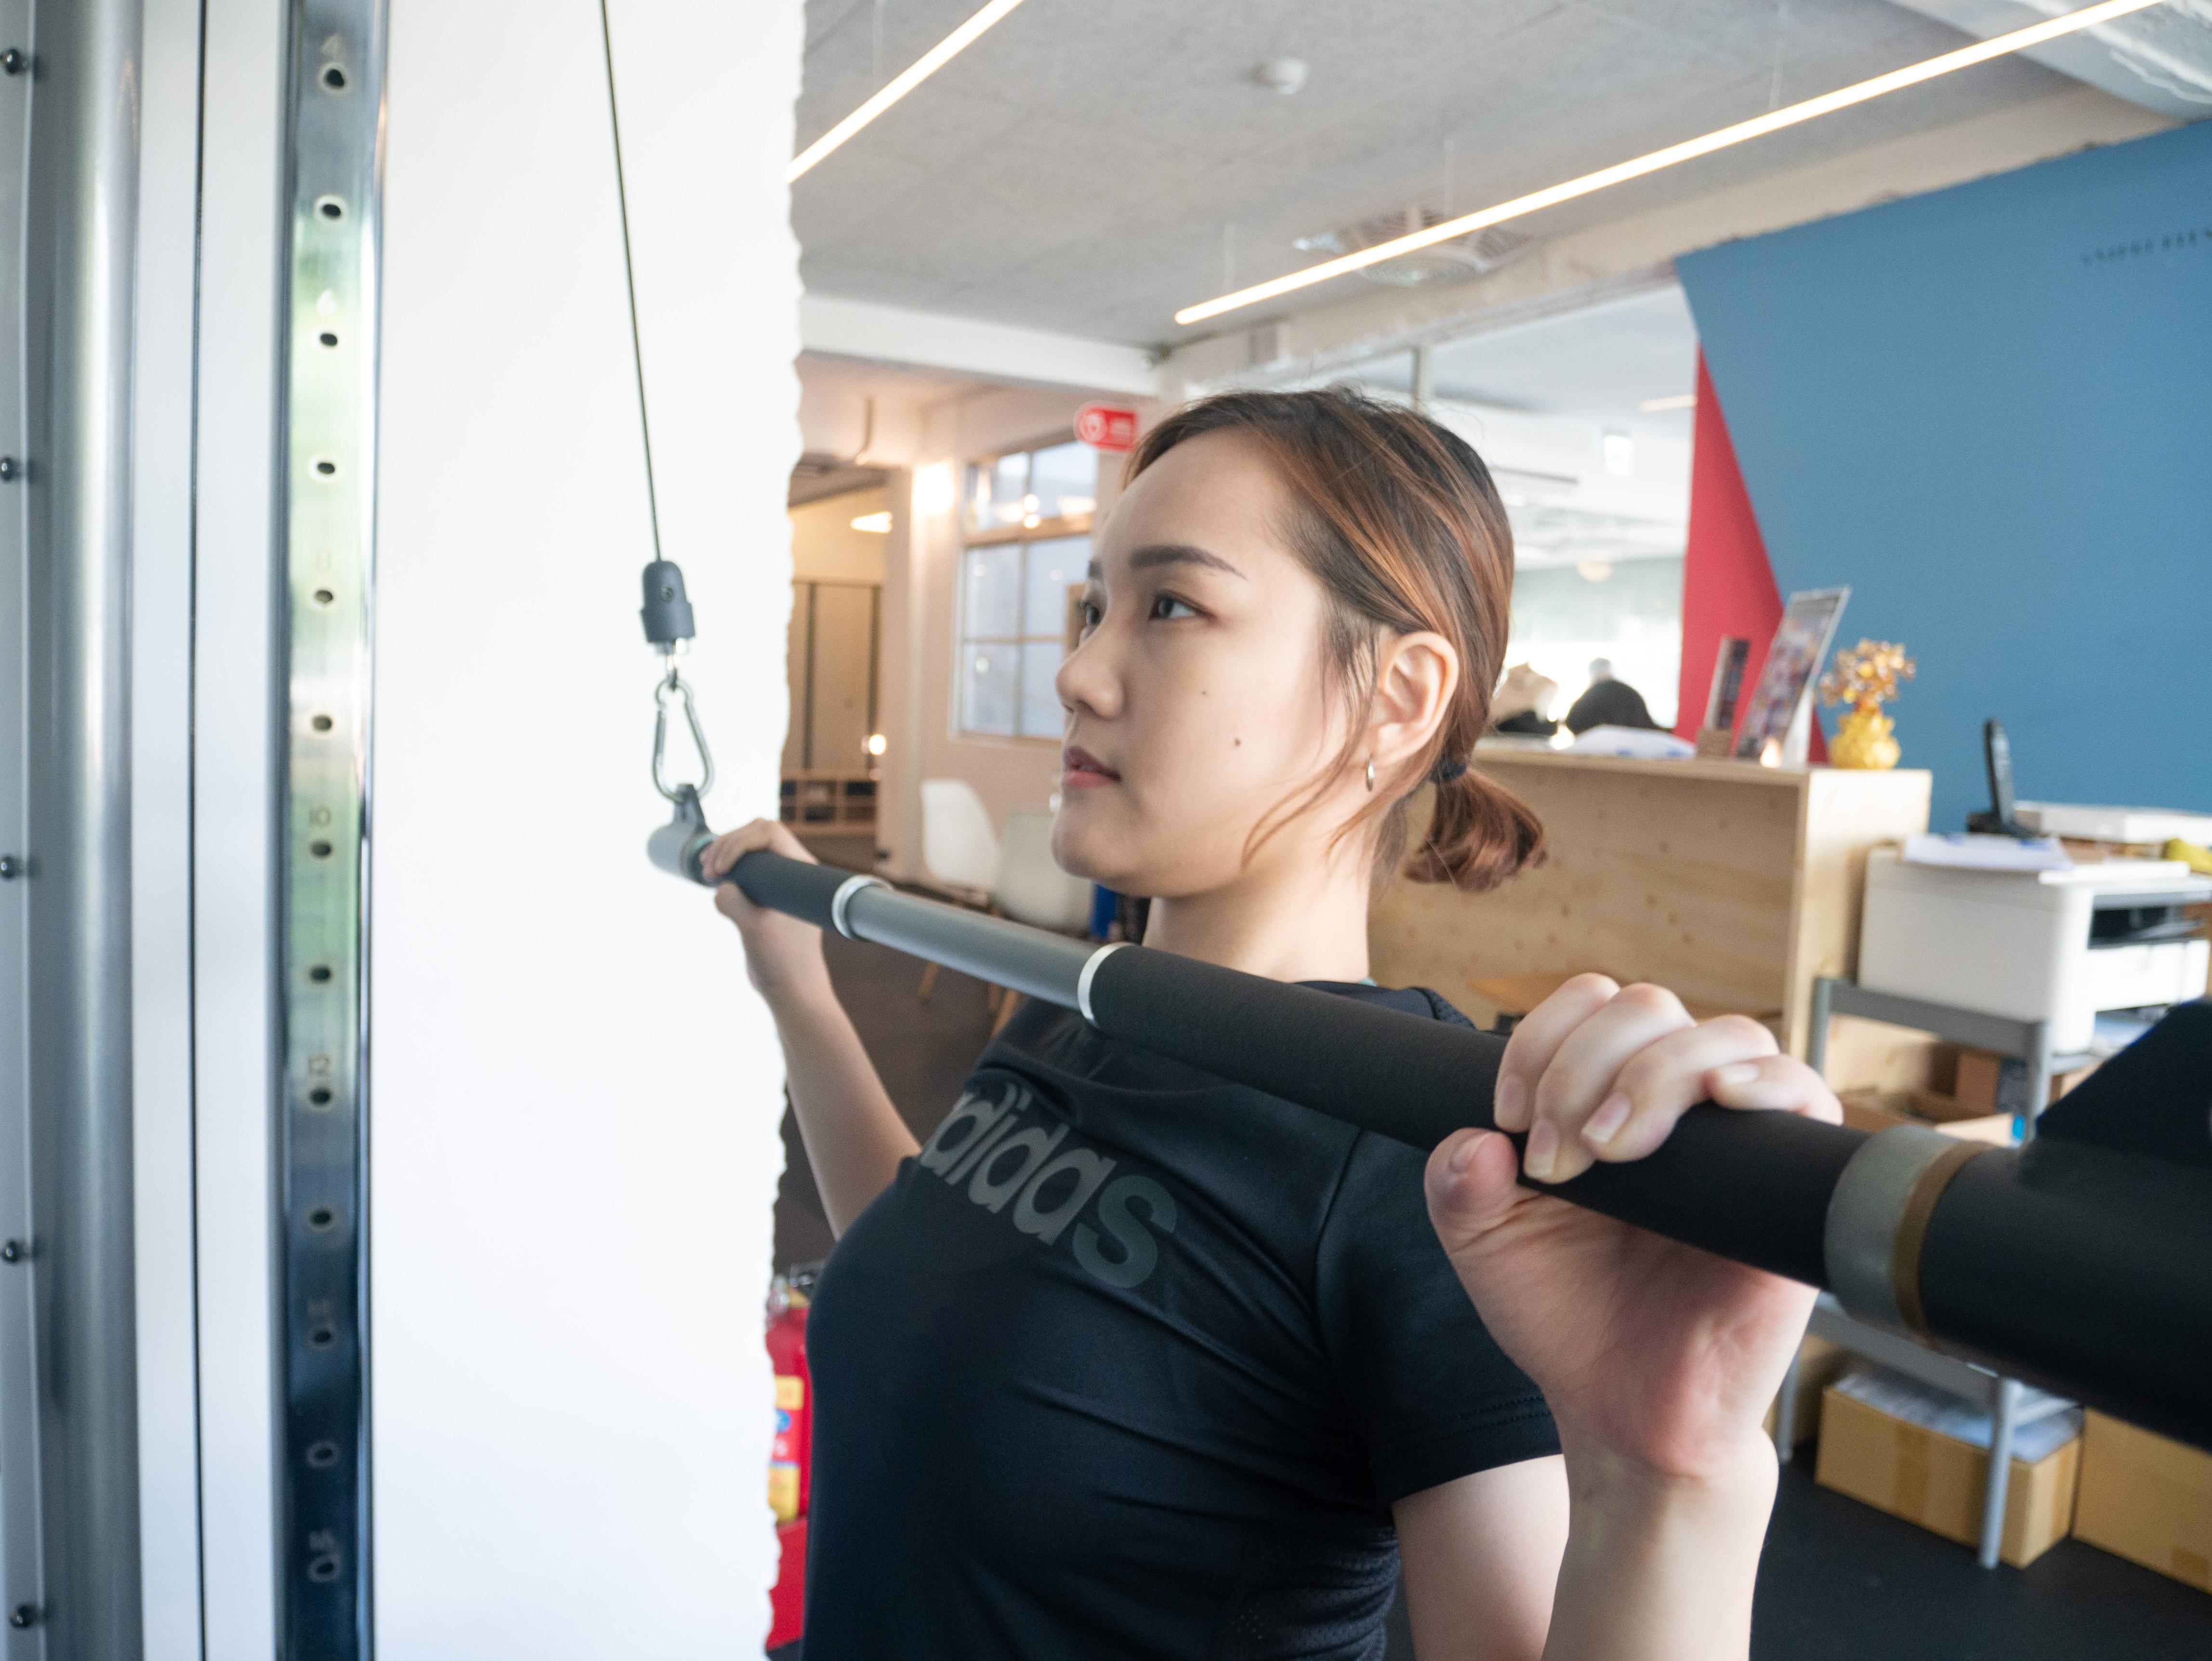 大安區健身房推薦|妮飛健身空間Nifei Fitness|私人教練課程量身打造專屬運動計畫